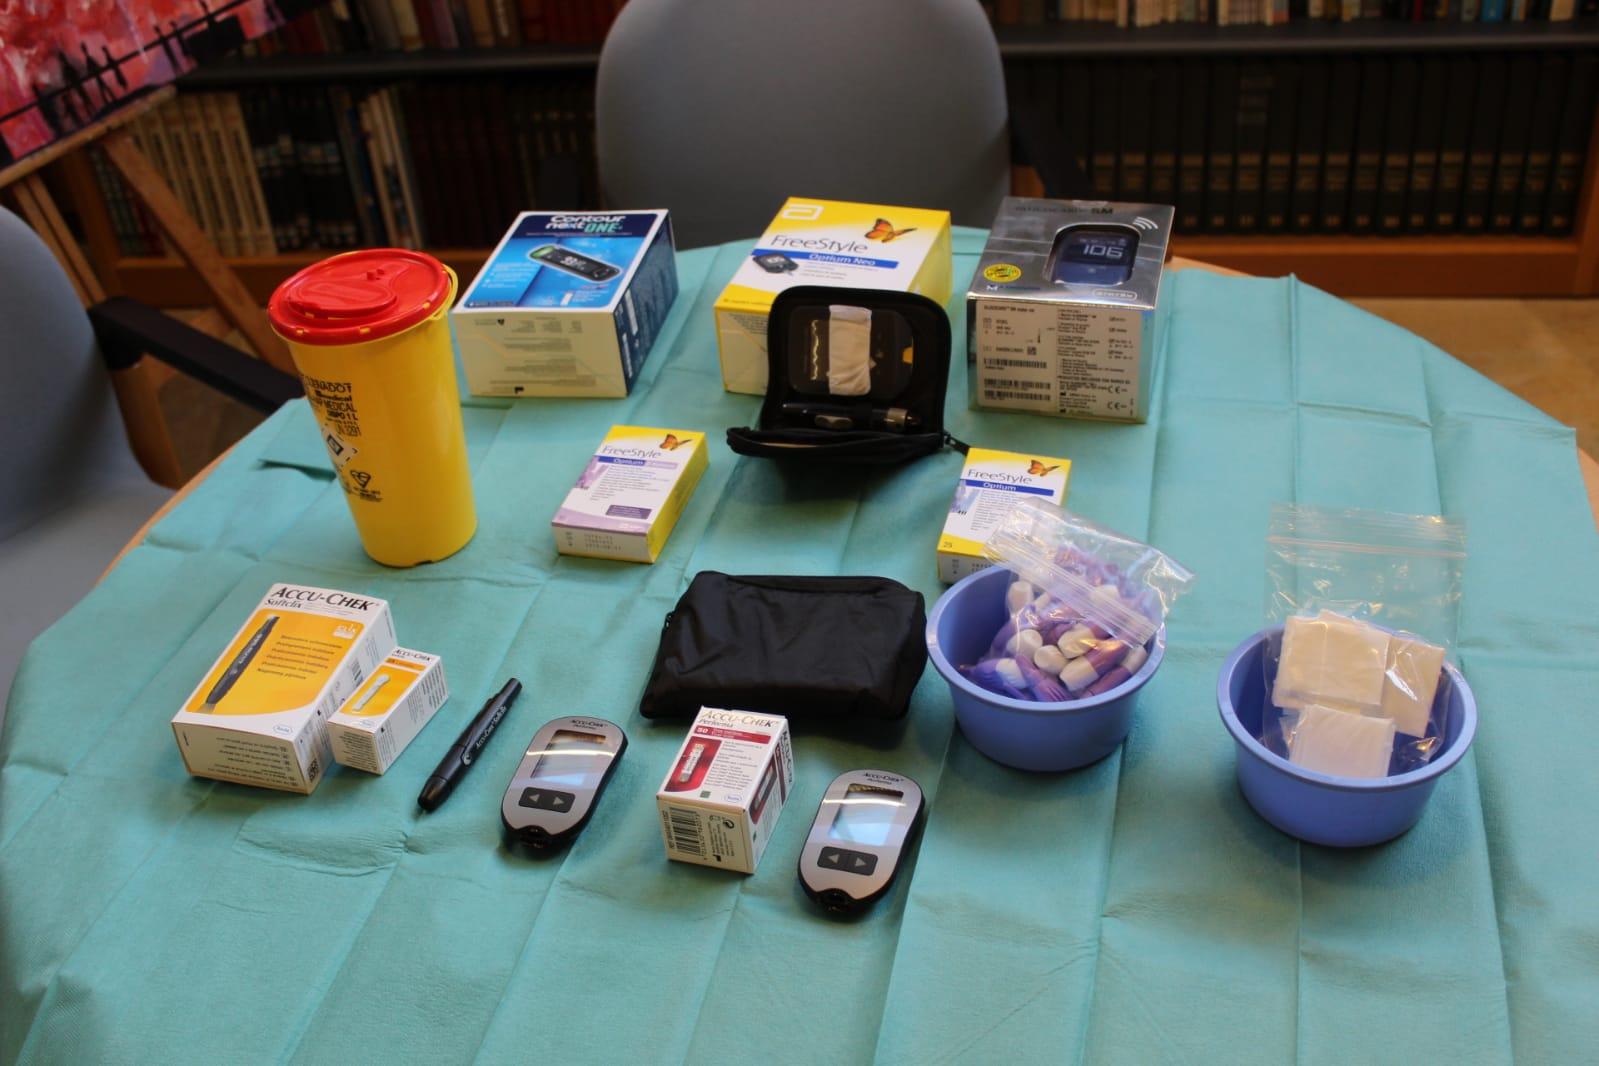 ADC Lleida, formació de diabetis i escola, material.